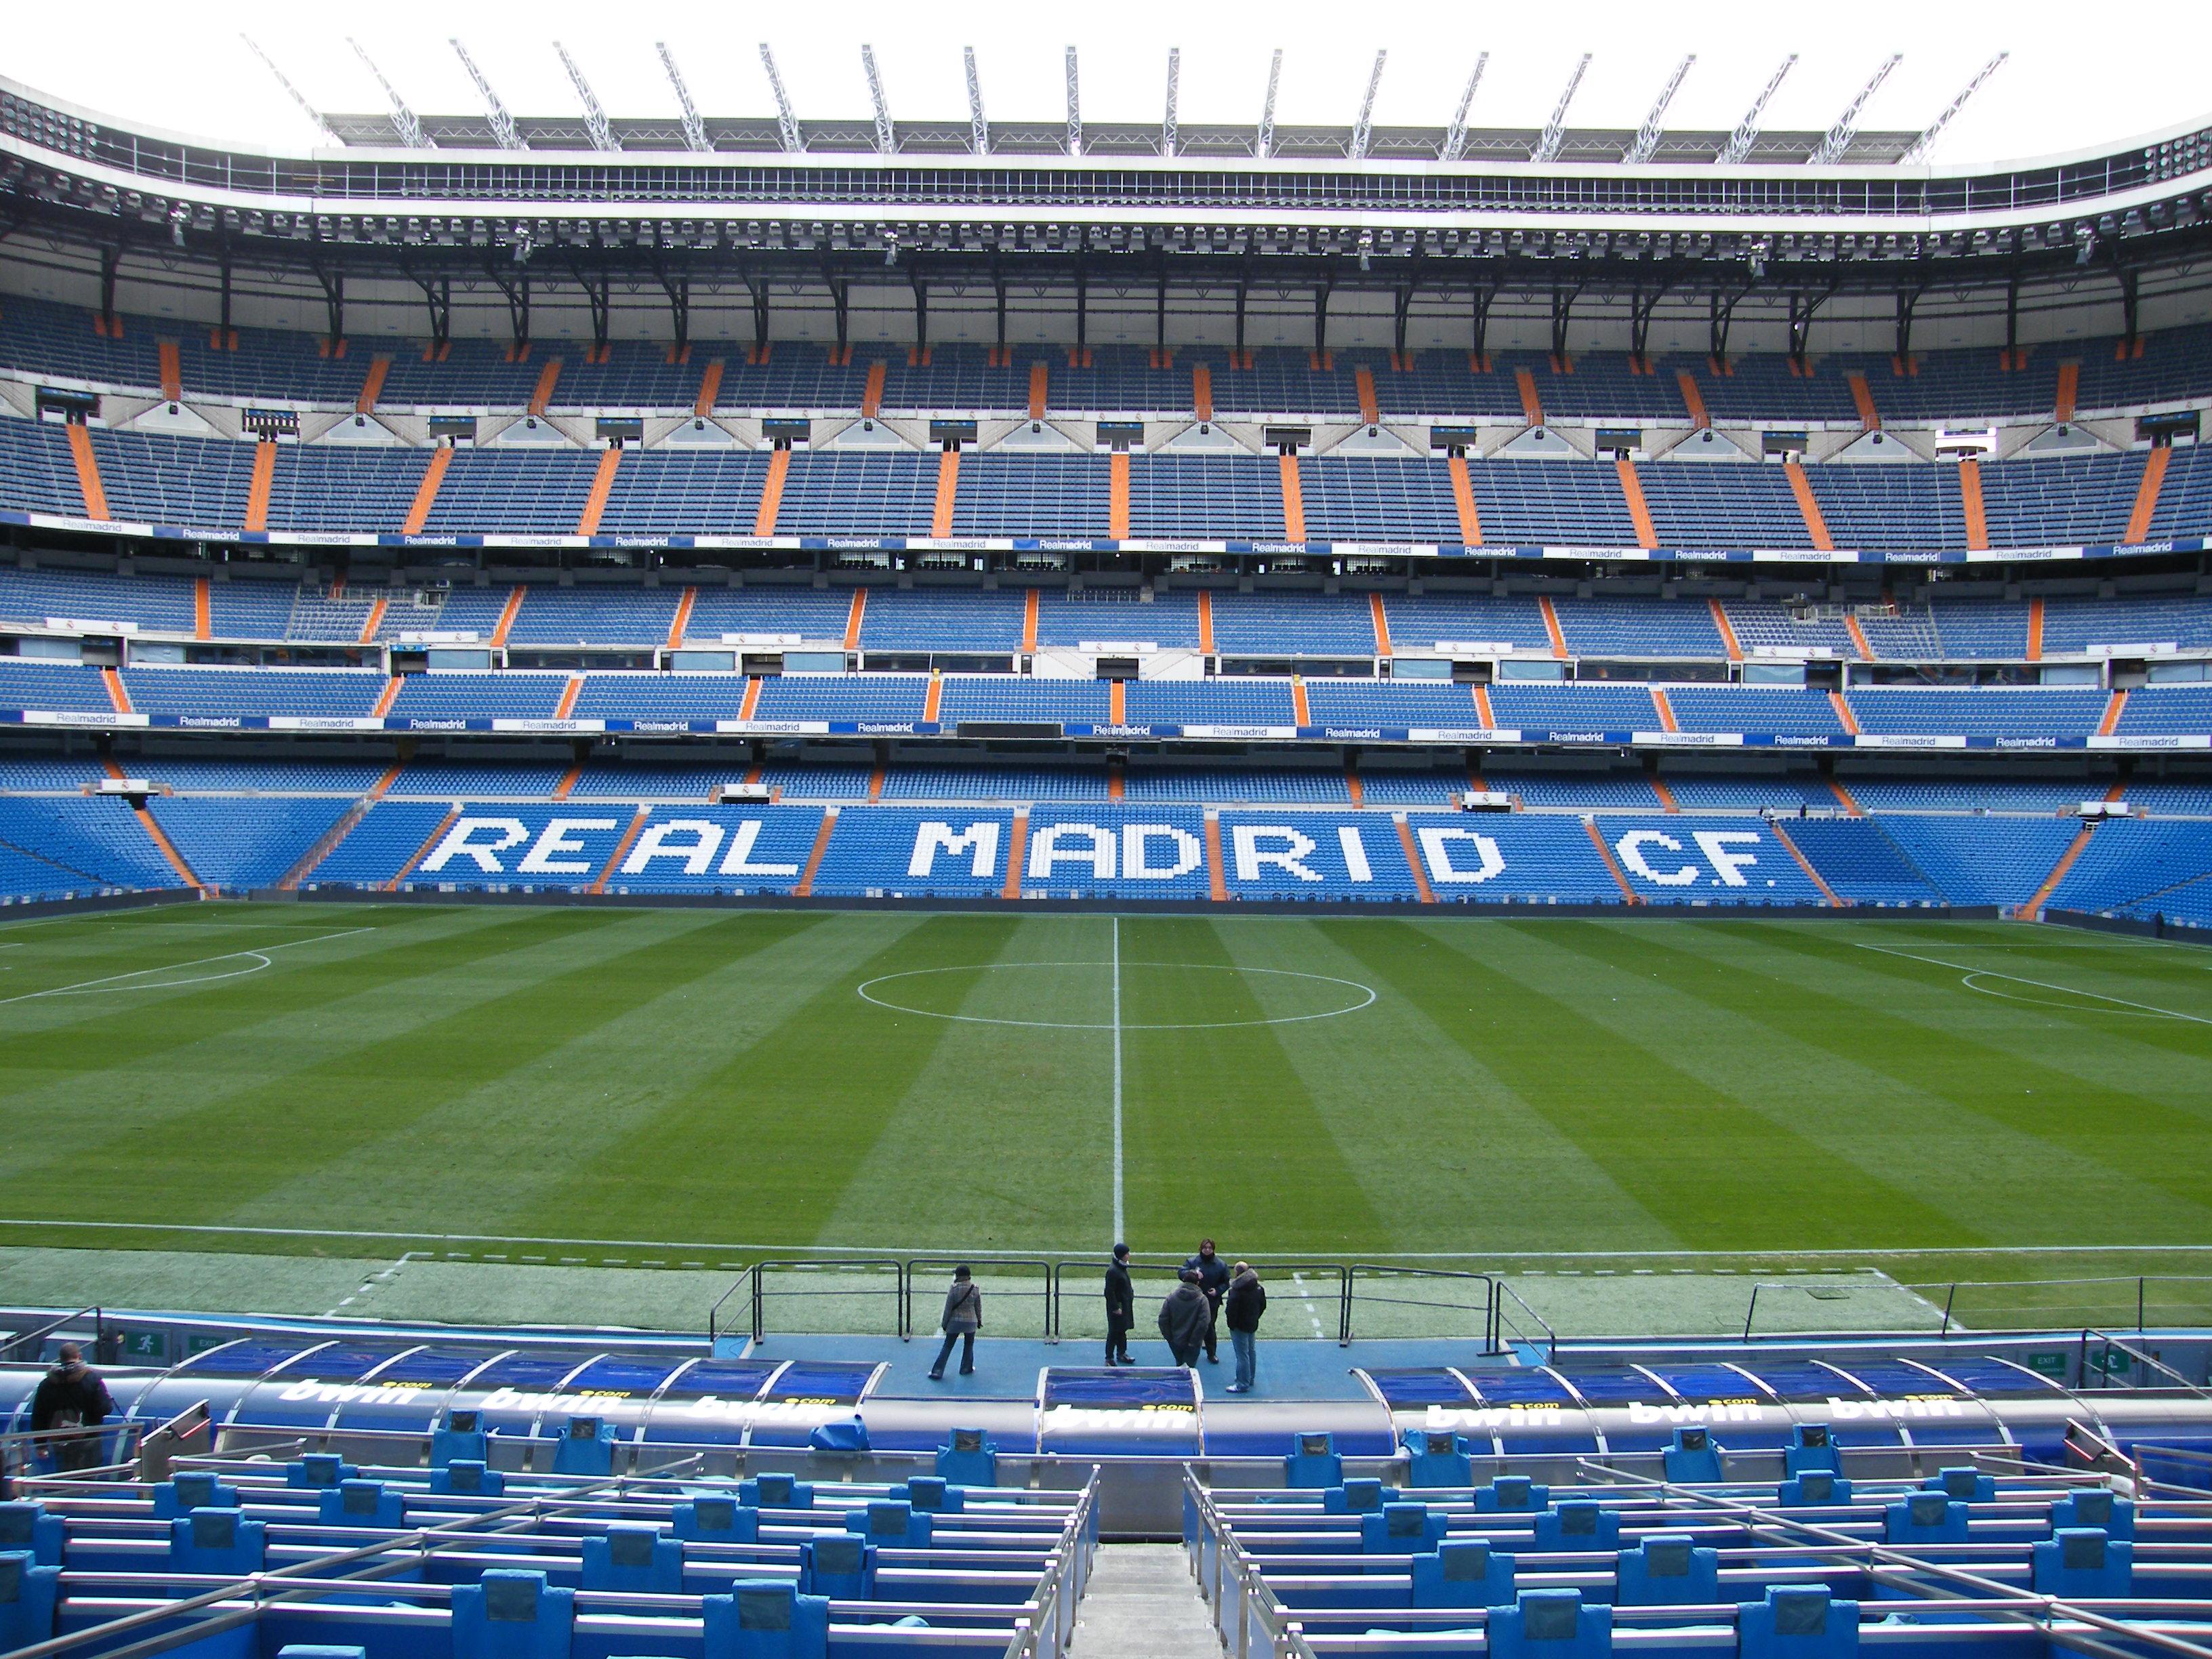 Imagen del estadio Santiago Bernabéu. Sacada de wikipedia.org